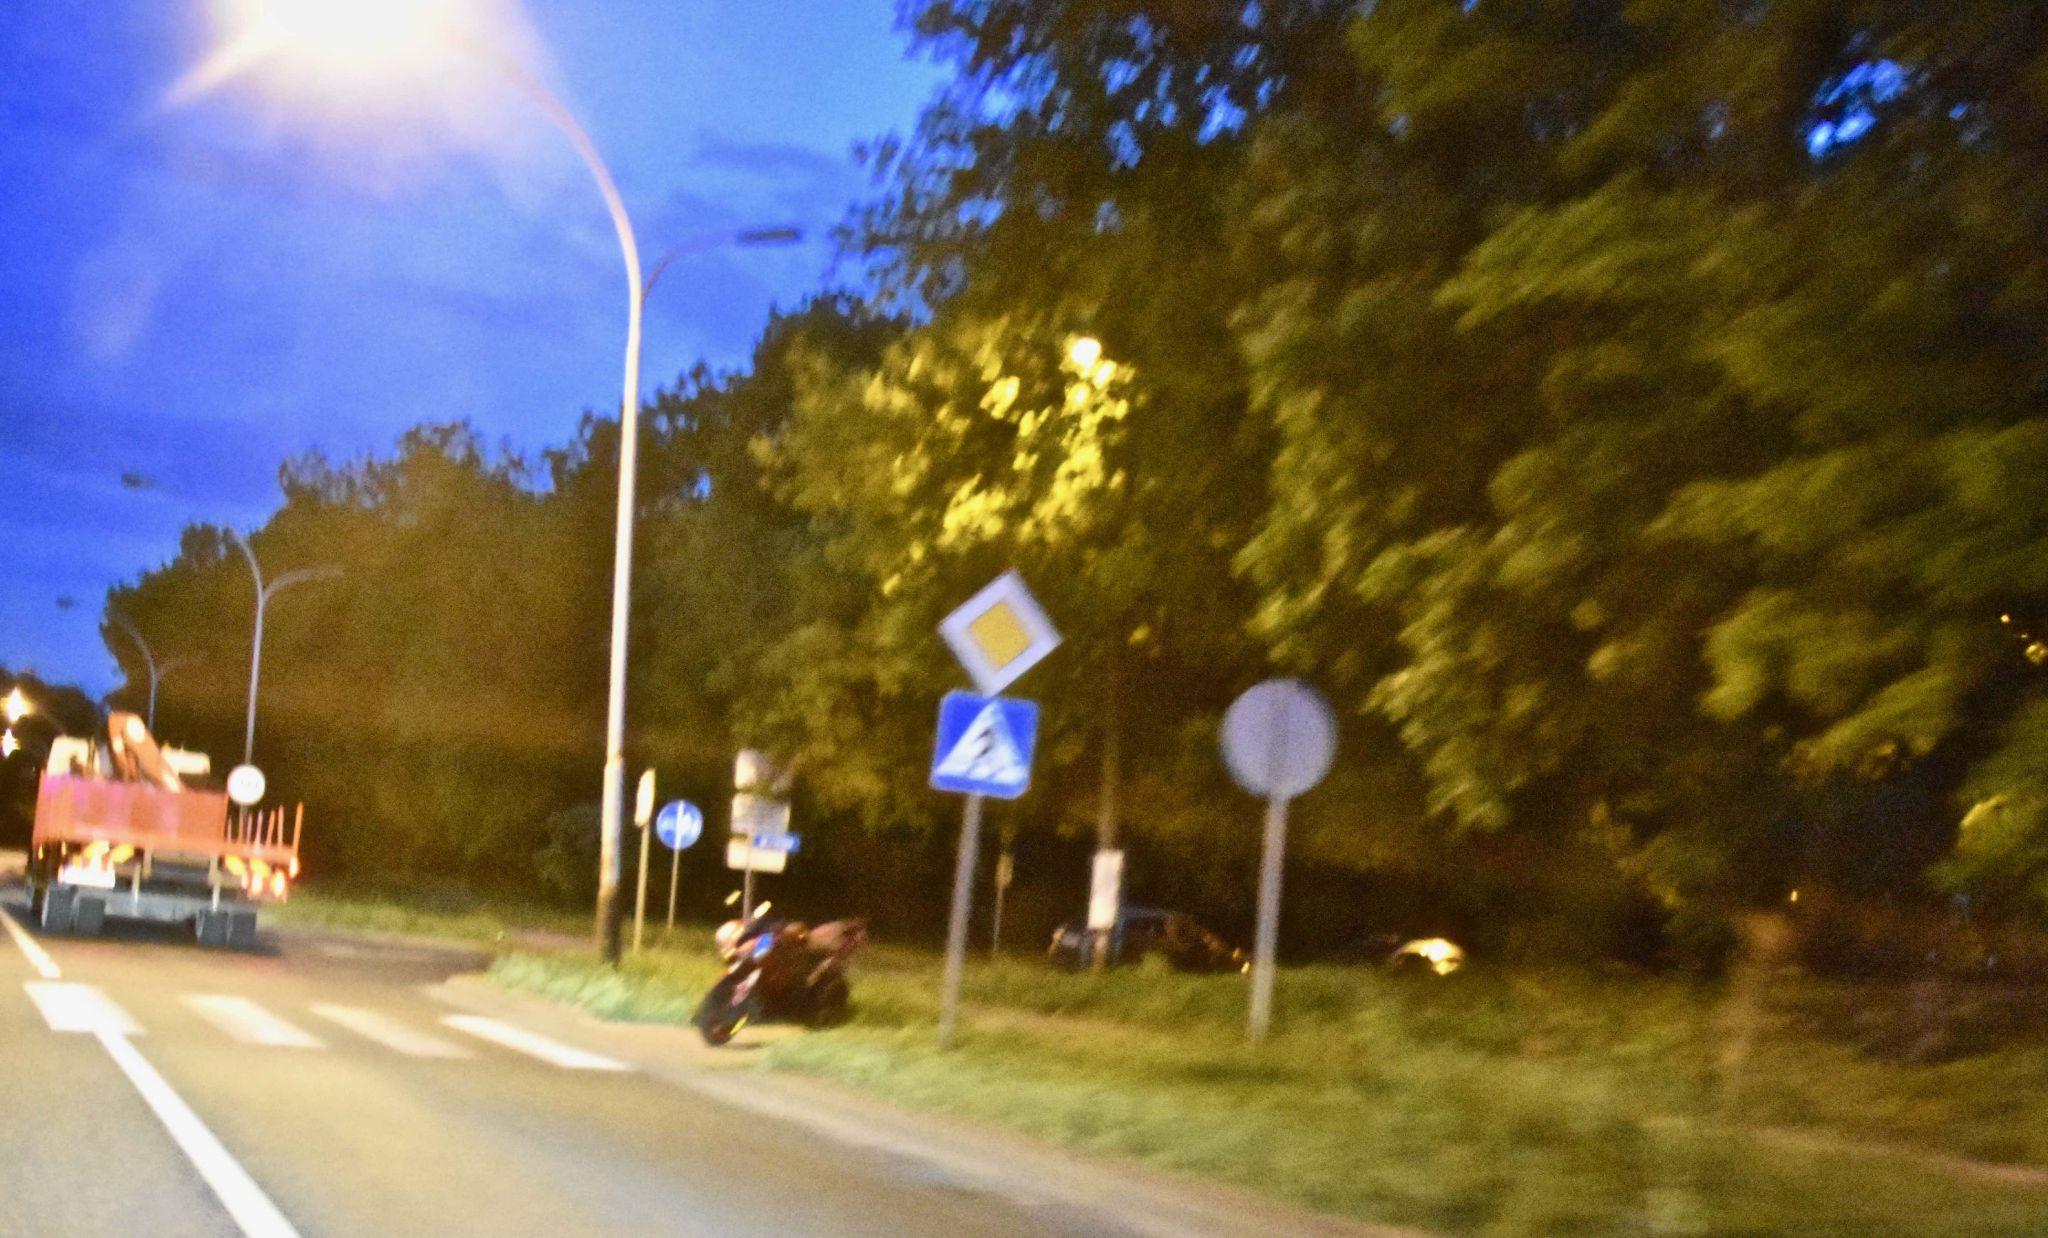 dsc 8891 Zamość: Wypadek motocykla. 19-letnia pasażerka jednośladu trafiła do szpitala (zdjęcia)